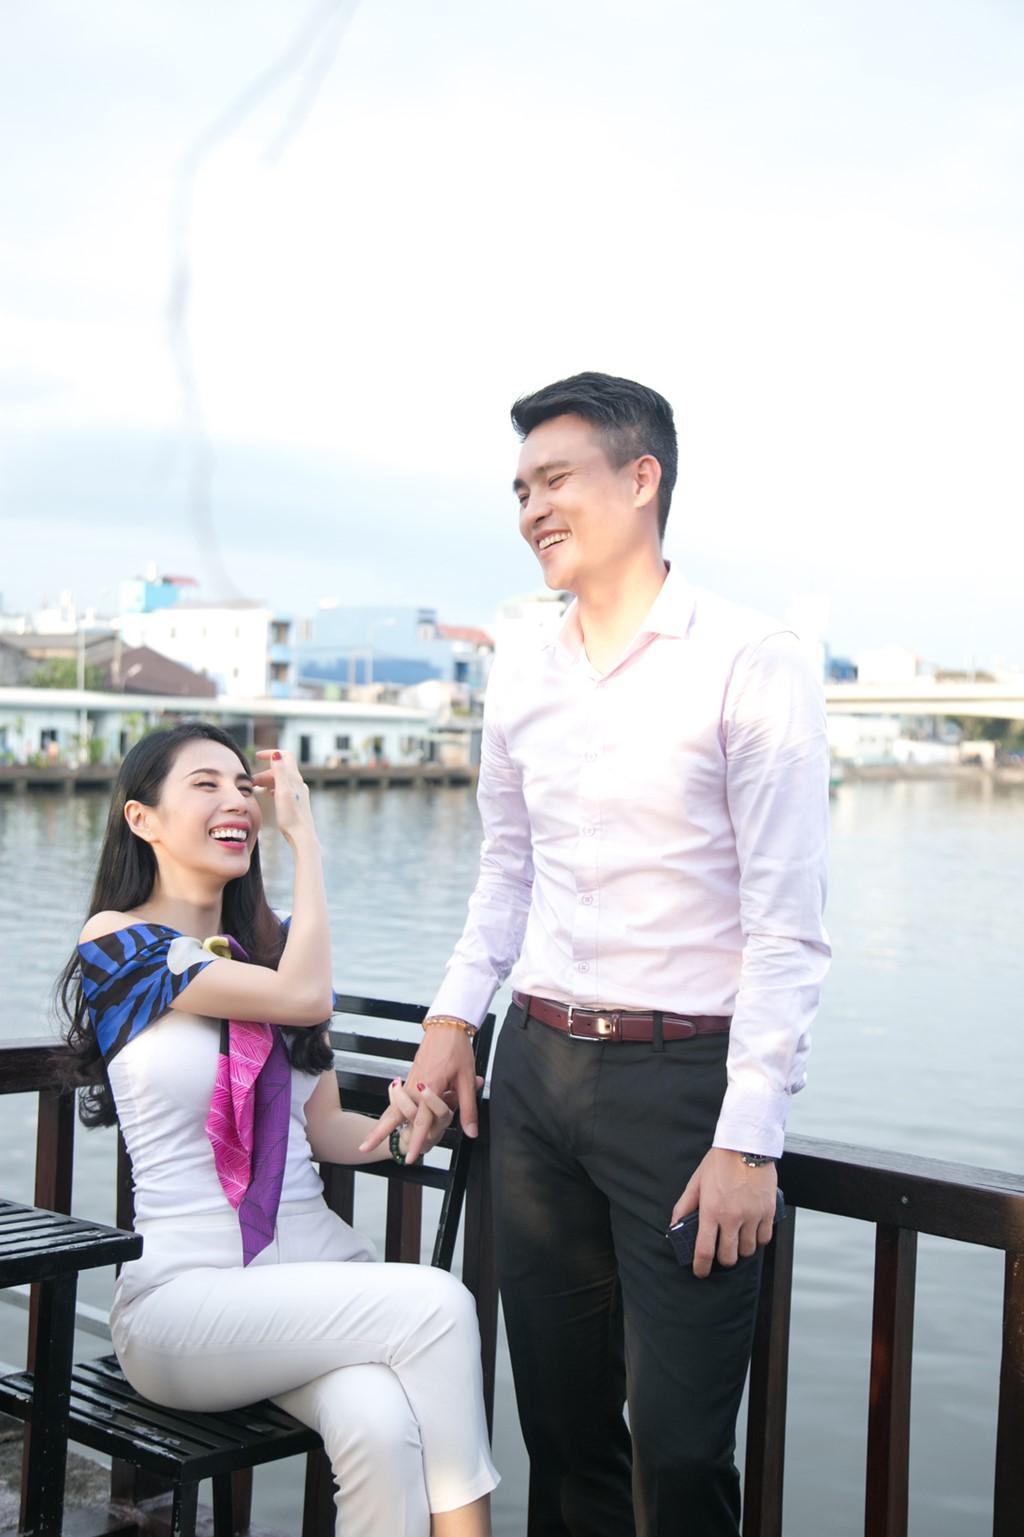 Cong Vinh, Thuy Tien ghi hinh cho kenh truyen hinh nuoc ngoai hinh anh 6